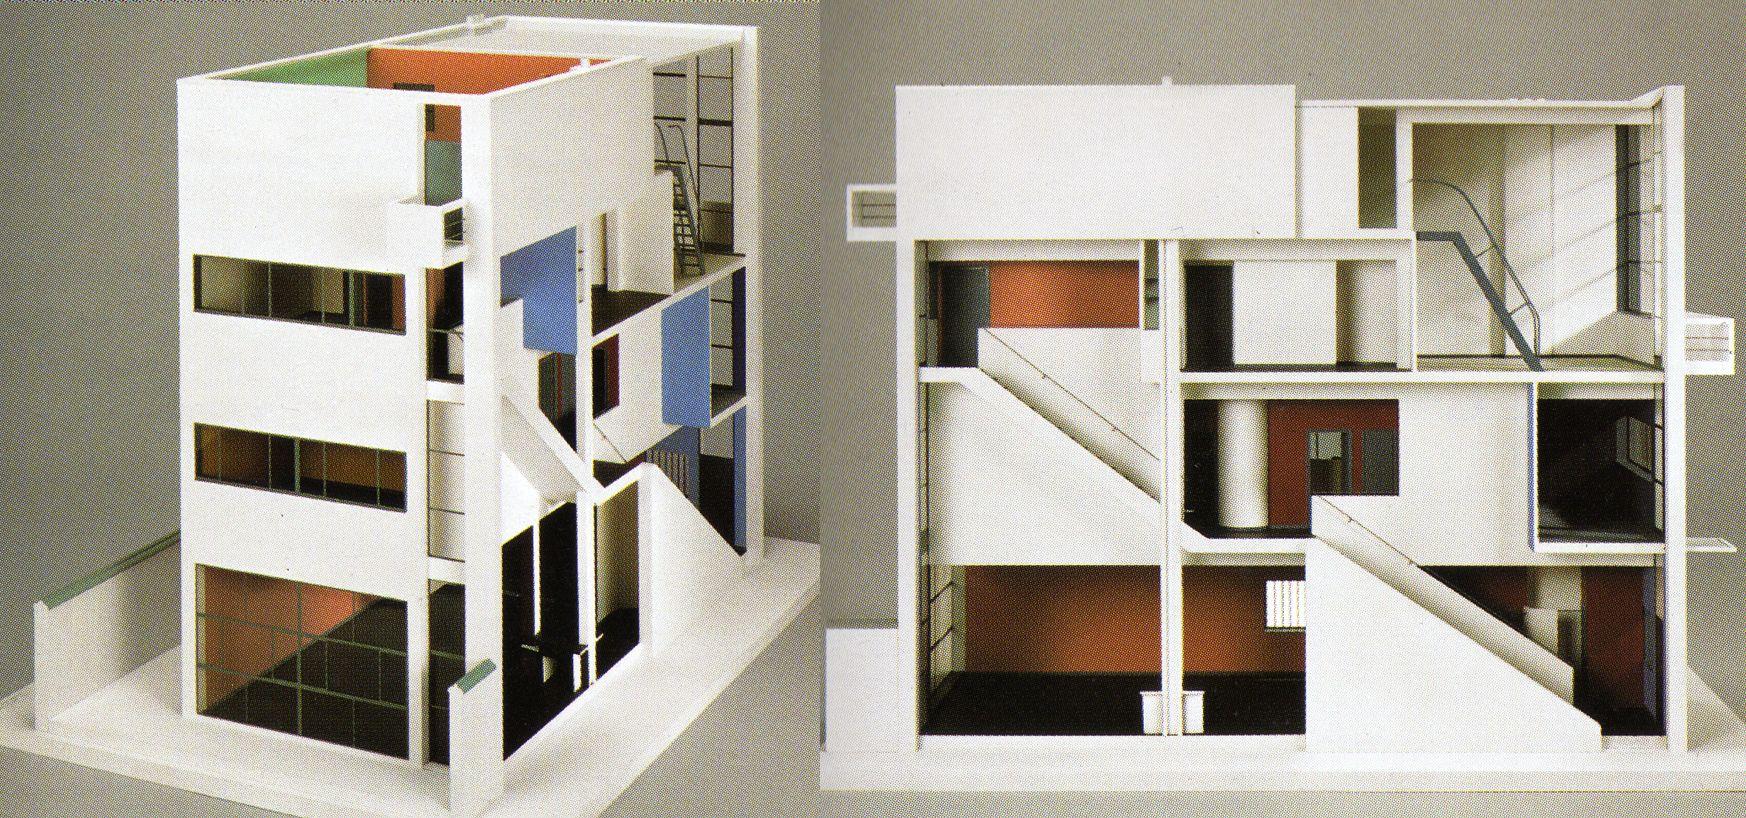 Le corbusier casa guiette ad anversa 1926 1927 modello for Bauhaus case in legno